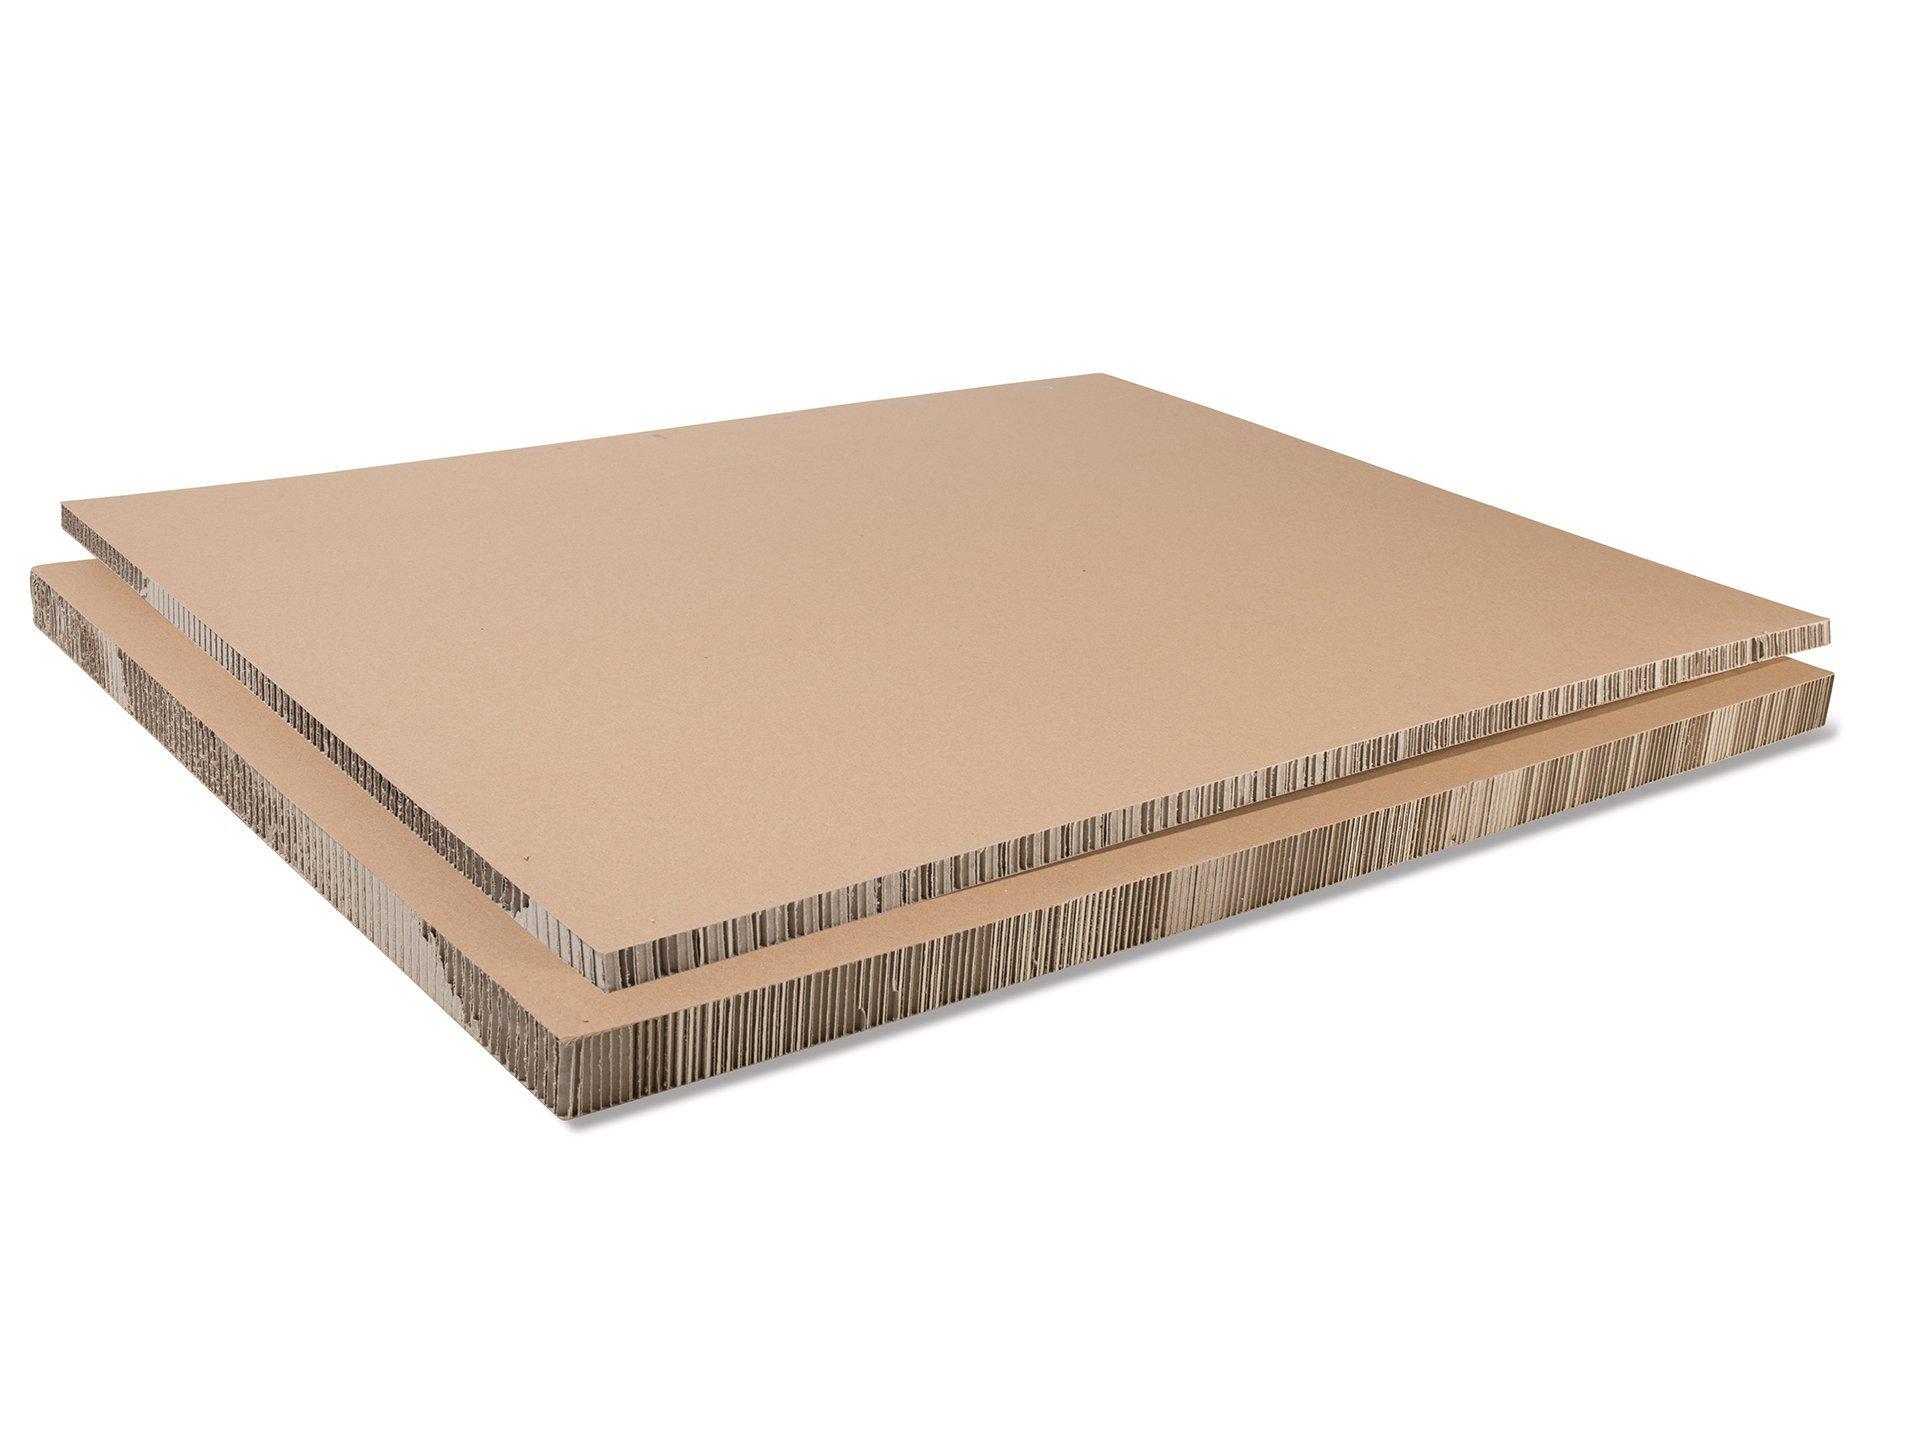 comprar panel cart n panal abeja revest de papel marr n online modulor. Black Bedroom Furniture Sets. Home Design Ideas